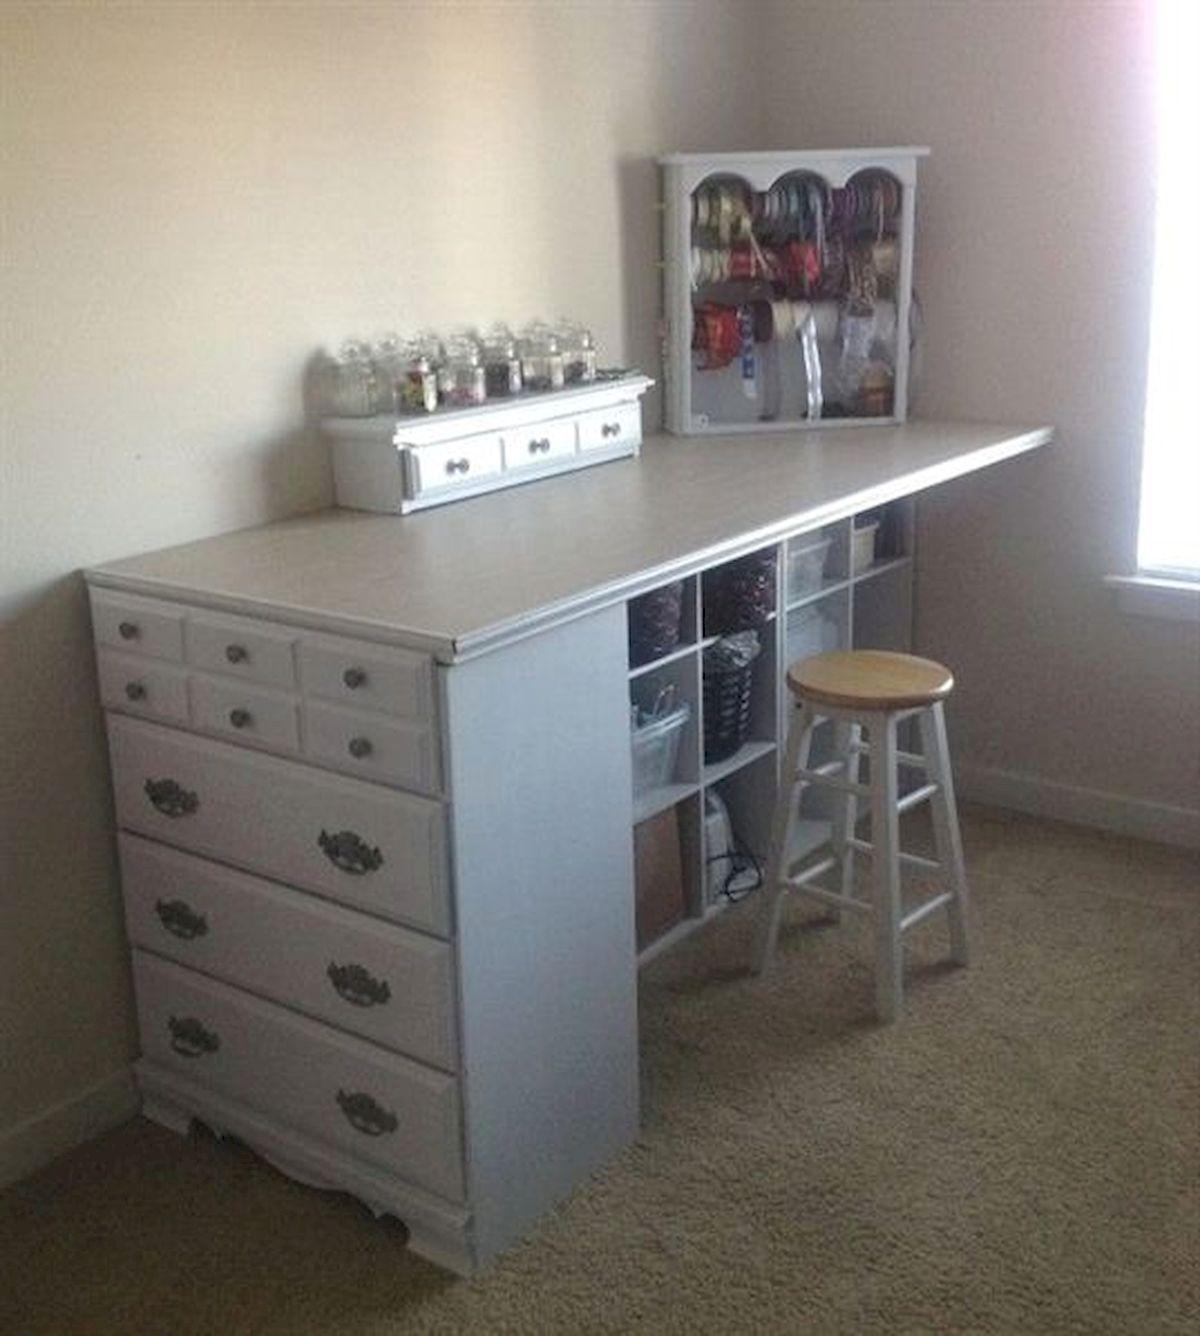 20 Best DIY Furniture Storage Ideas for Crafts (19)